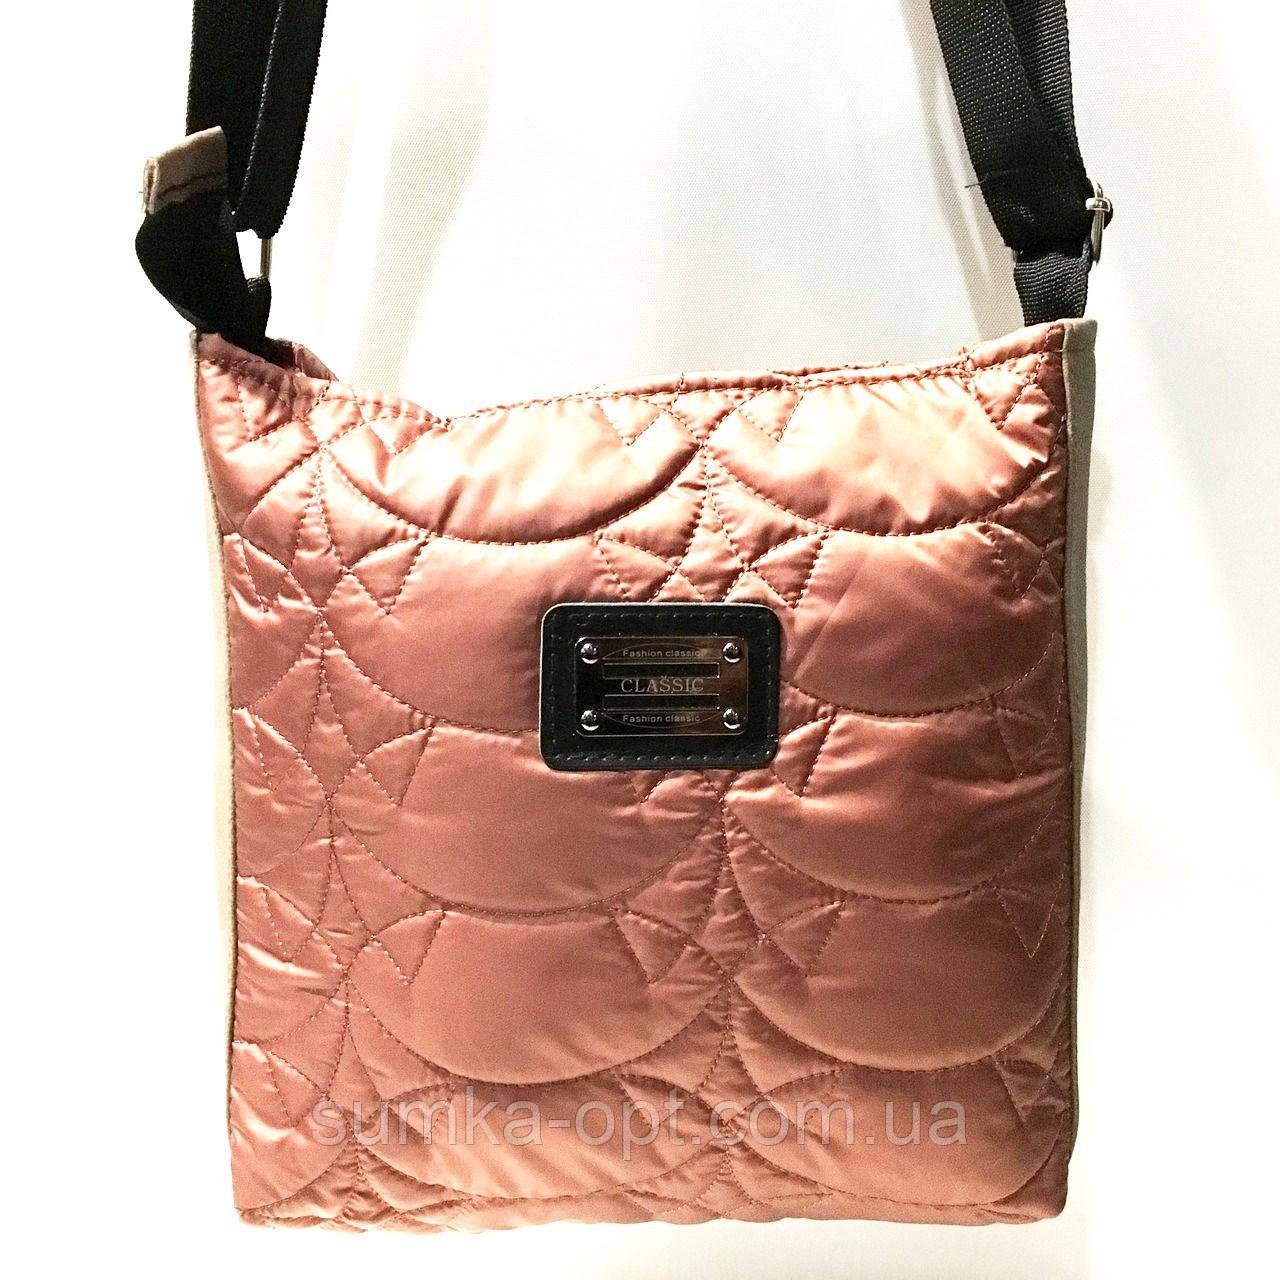 Стеганные сумки на плечо (коричневый узор)23*24см